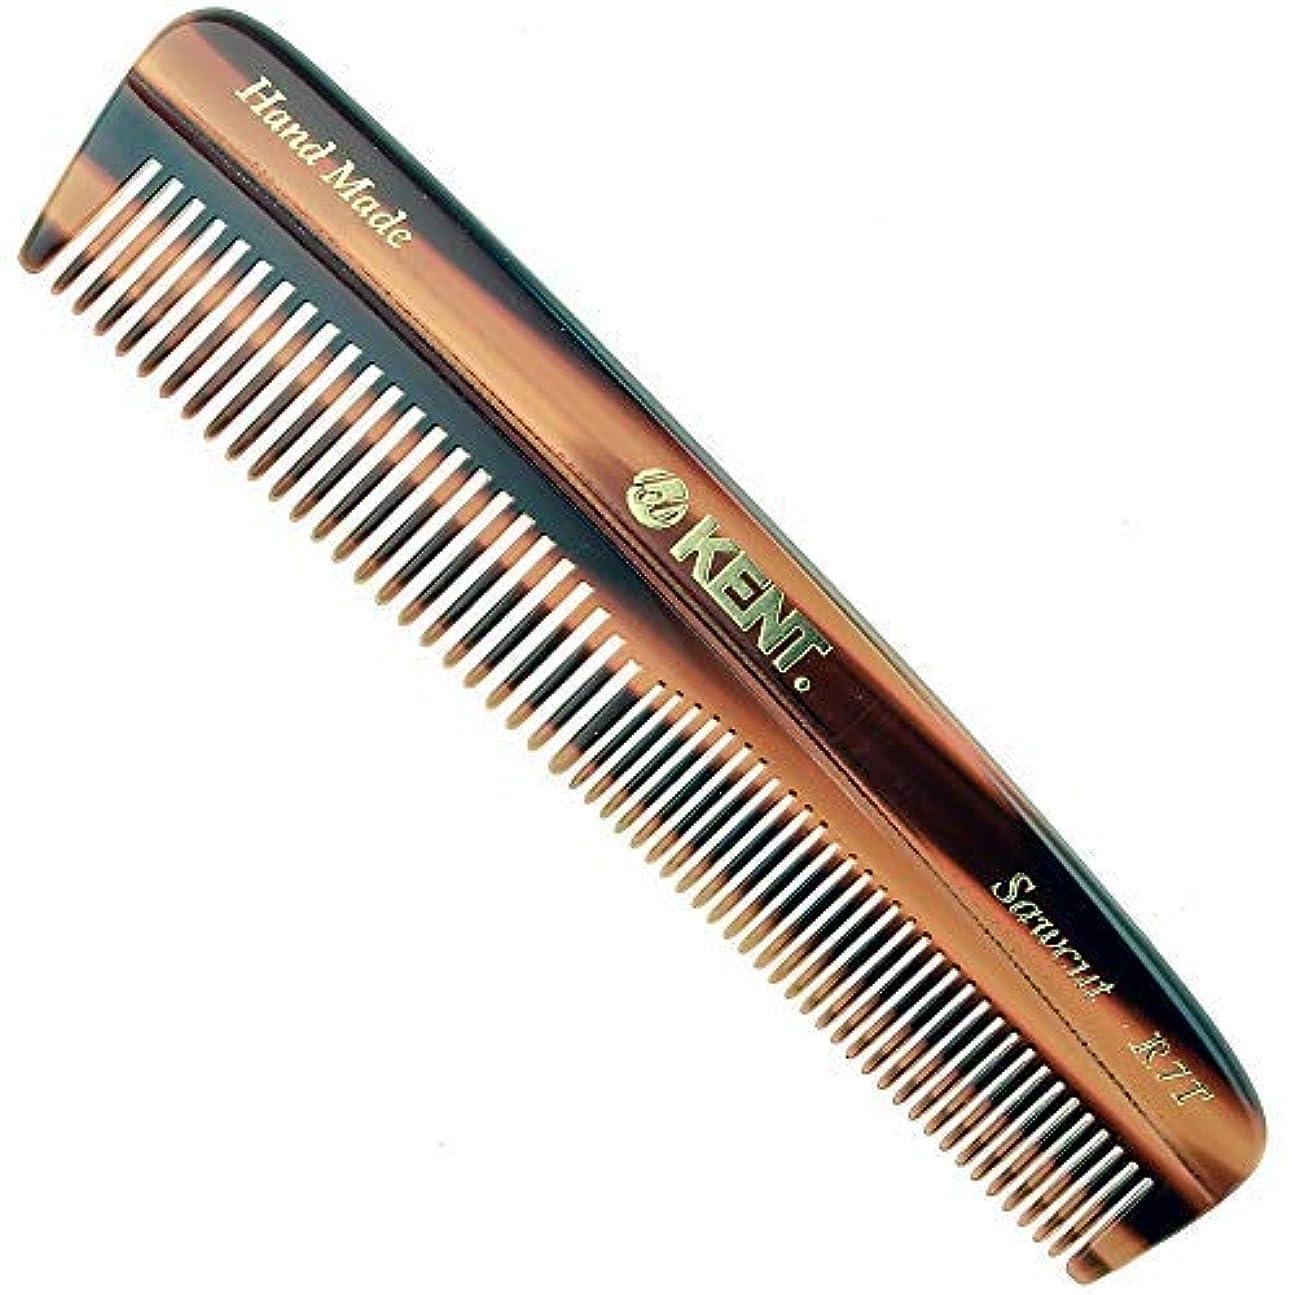 協力通貨頬Kent R7T - Men's/Women's Coarse and Fine Toothed Small Travel Pocket Comb 130mm/5.63